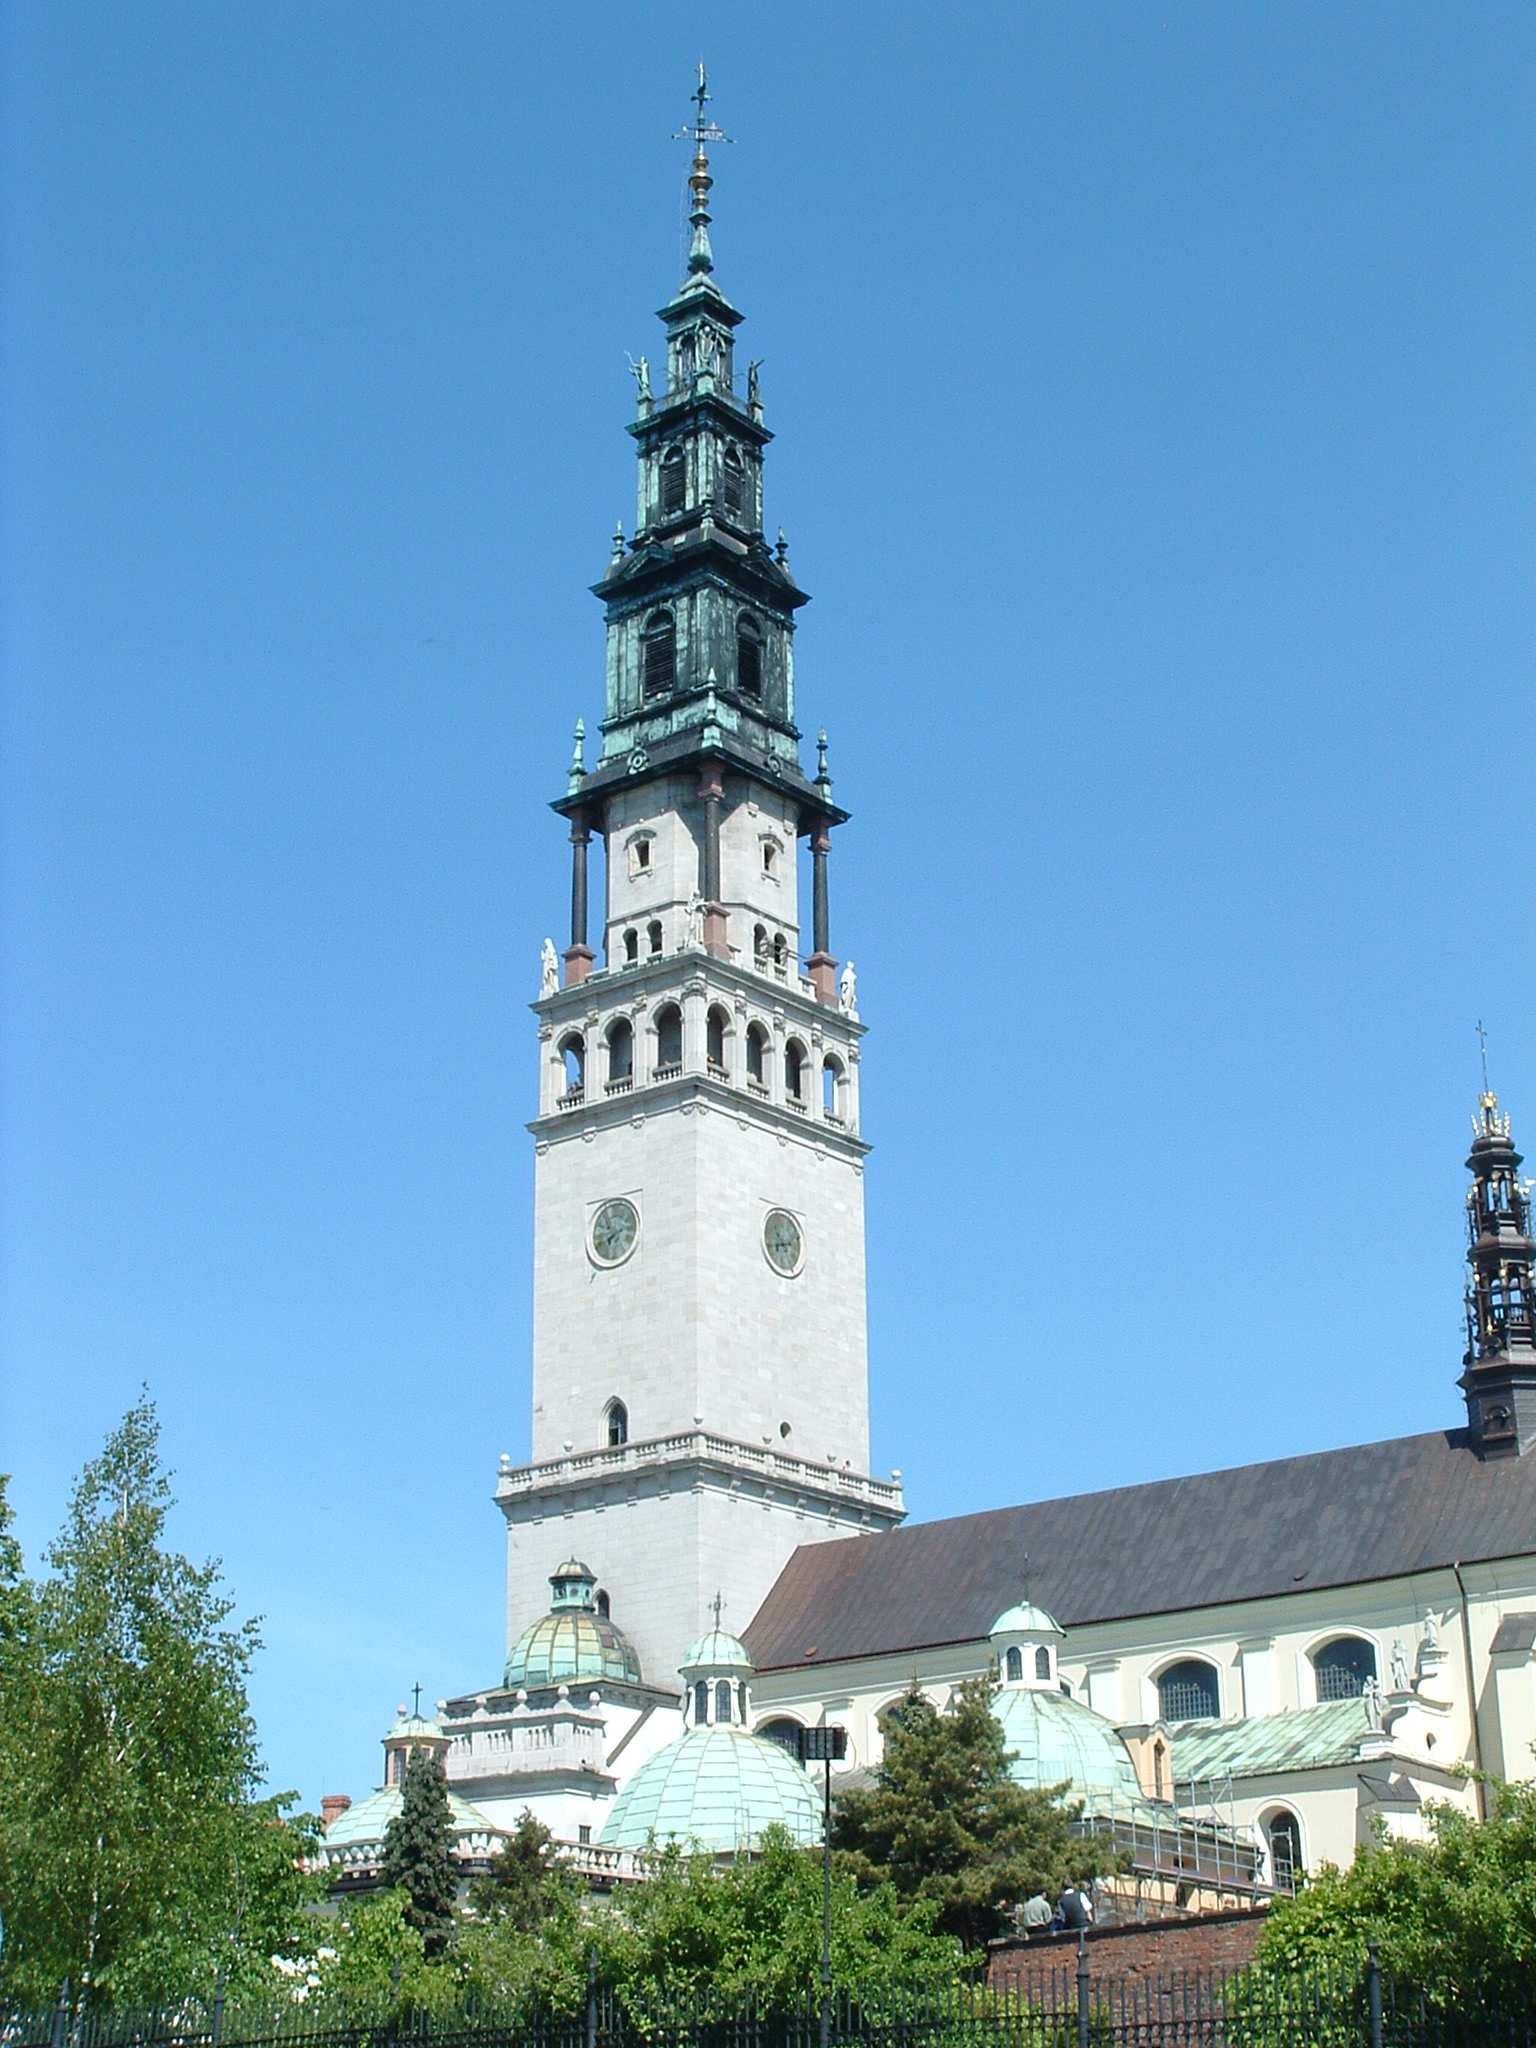 File:Czestochowa-Jasna-Gora-01.jpg - Wikimedia Commons